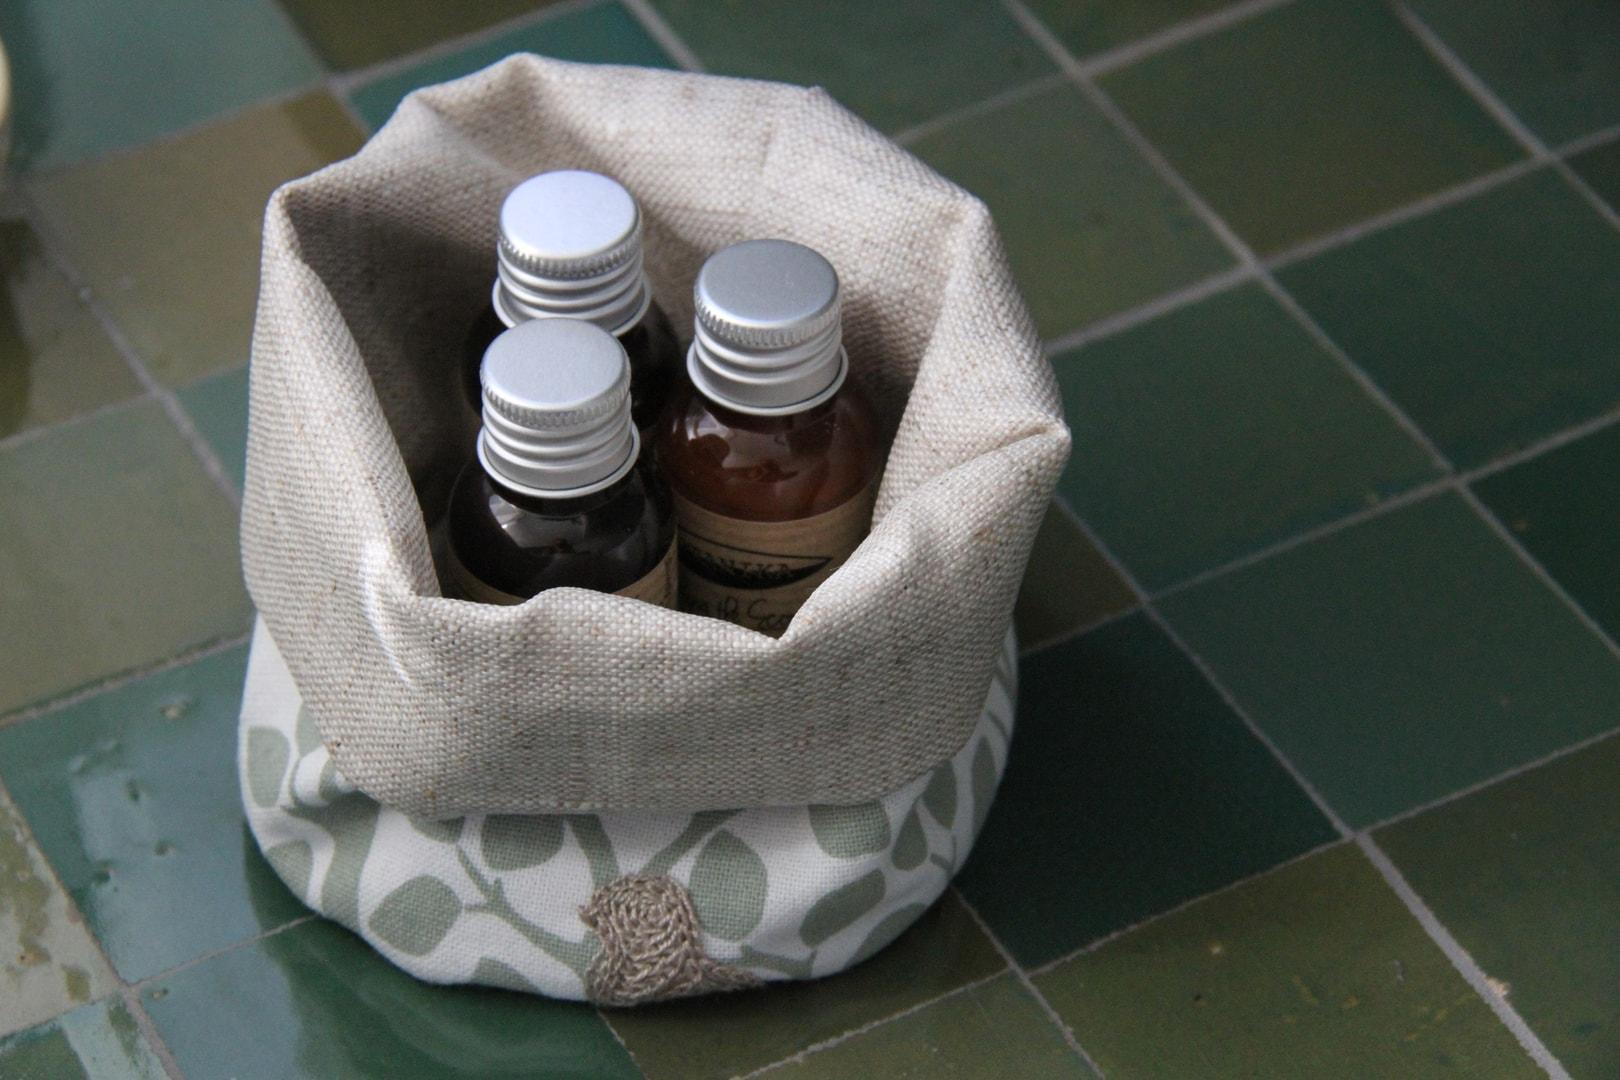 Le-coin-des-aromates-produits-daccueil-photo-stephane-duboc